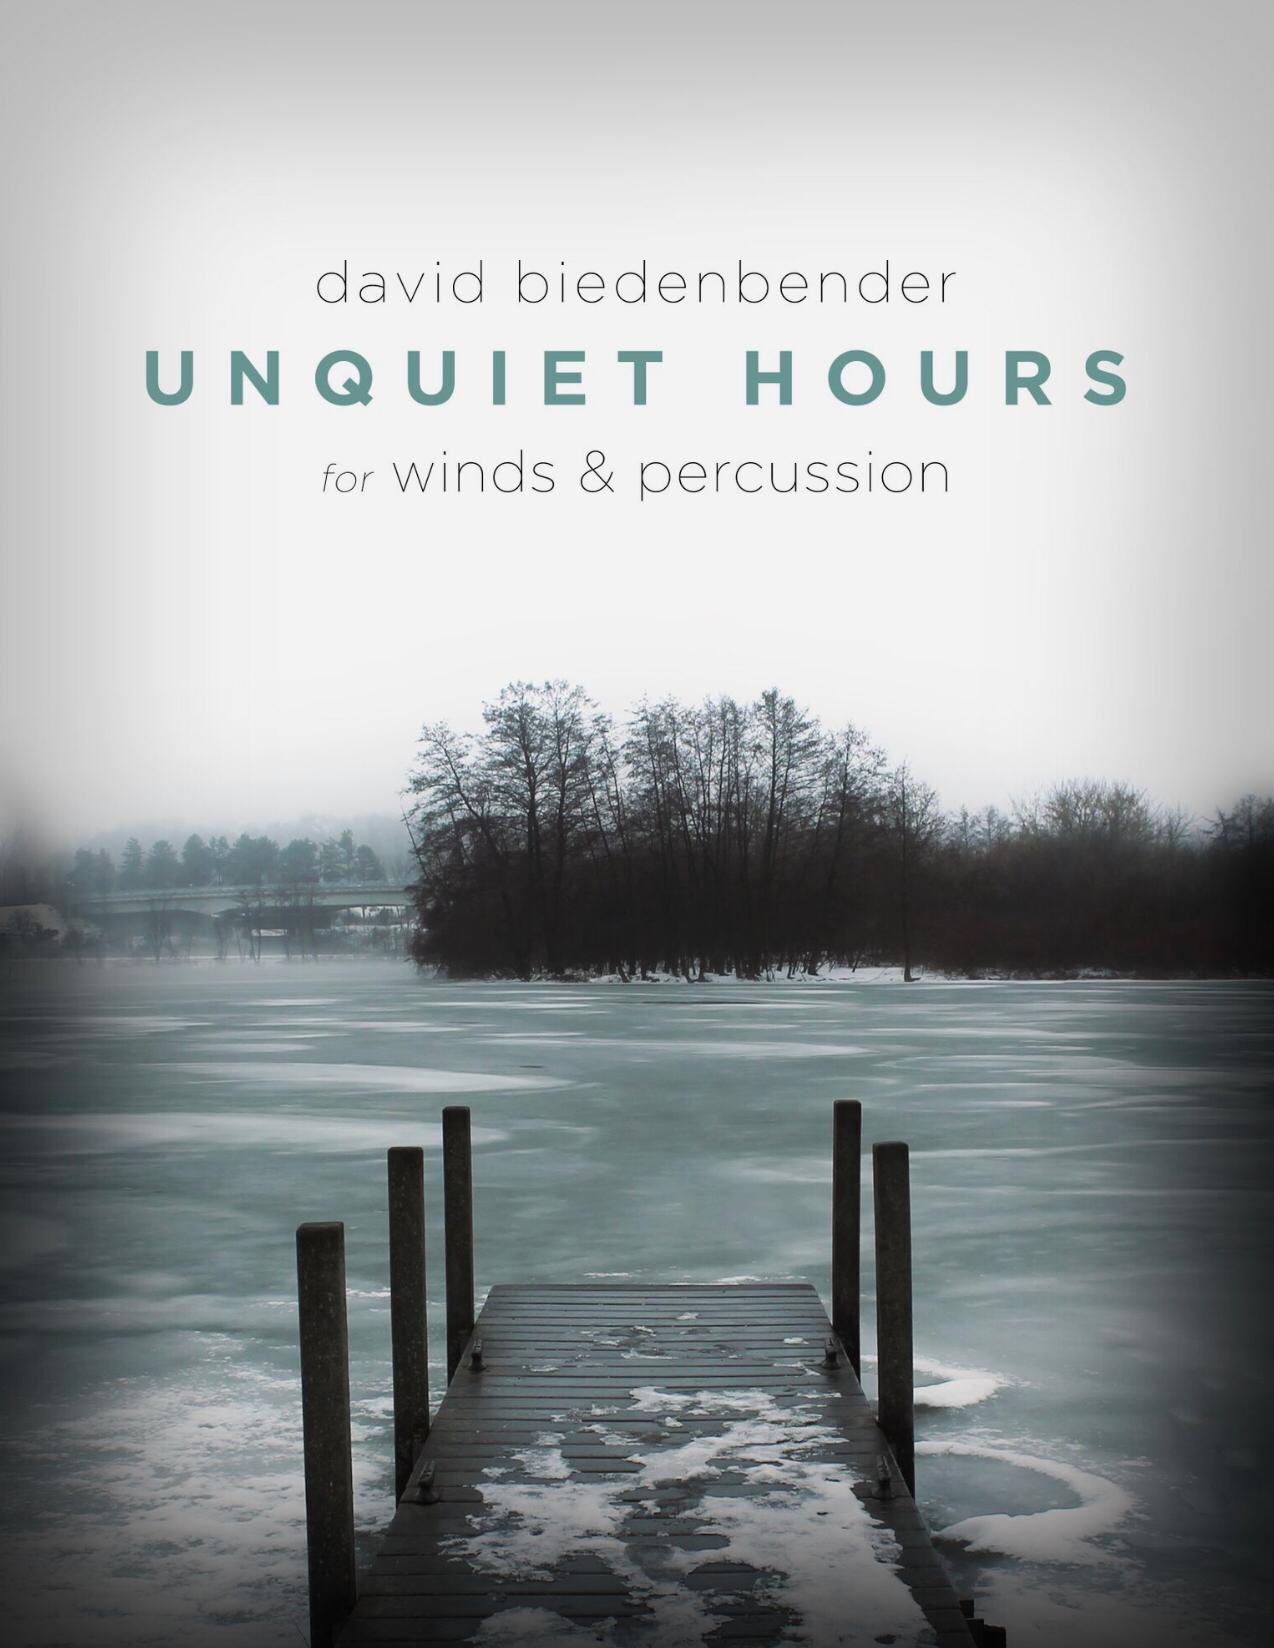 Unquiet Hours by David Biedenbender